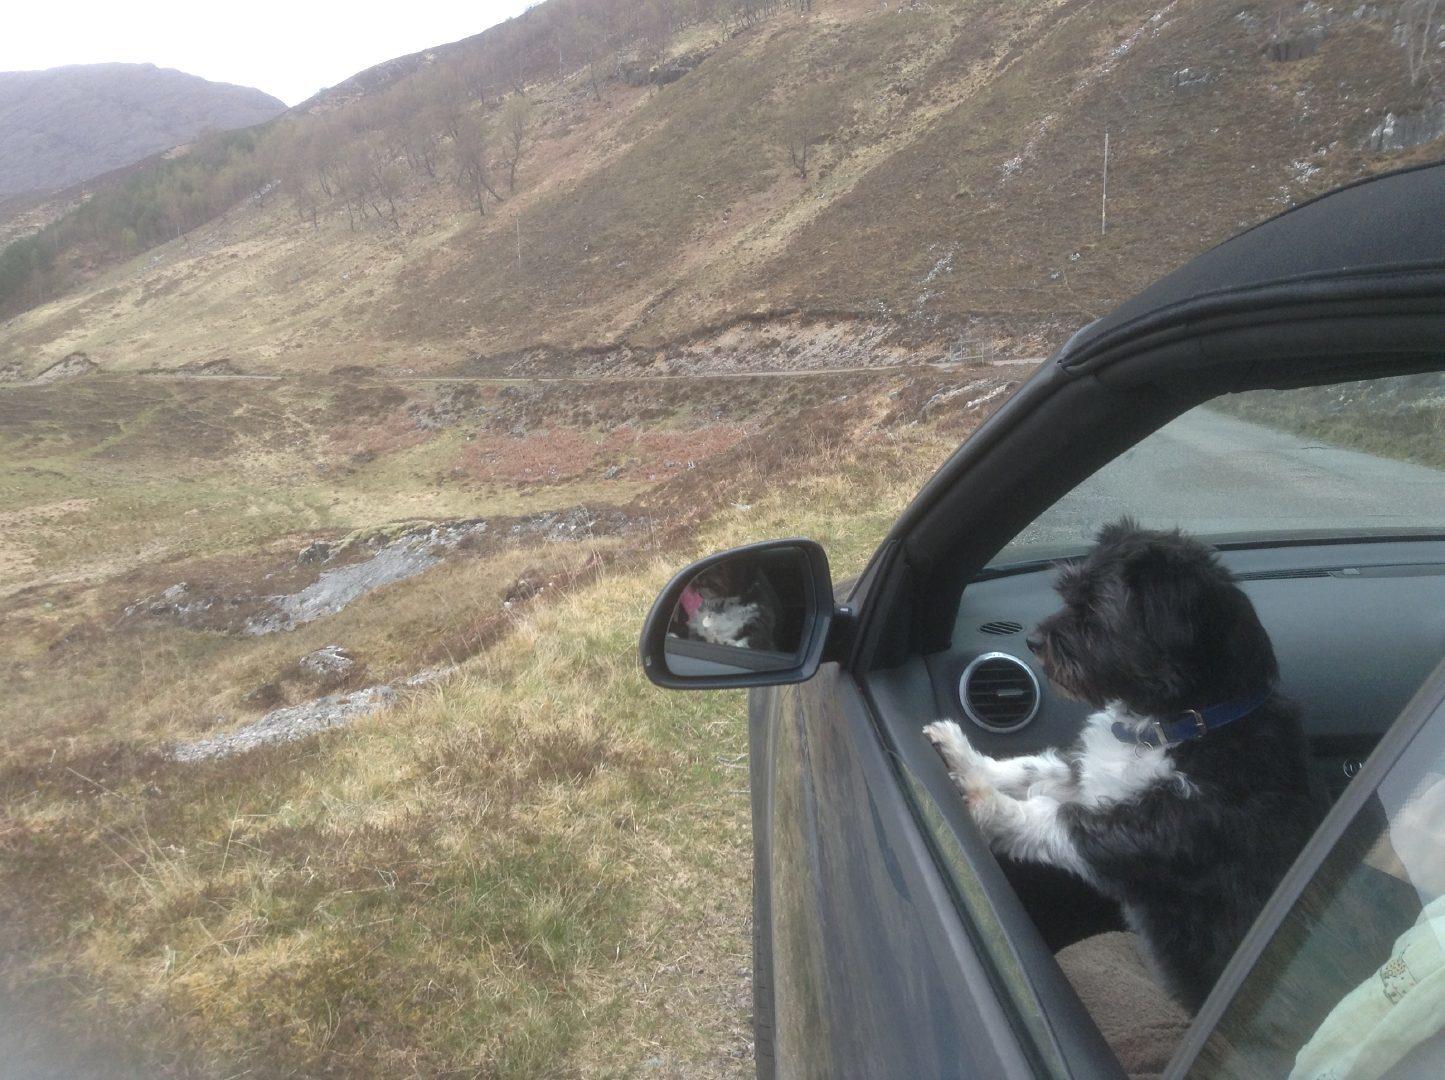 Bridget's dog Minnie enjoys the scenery.